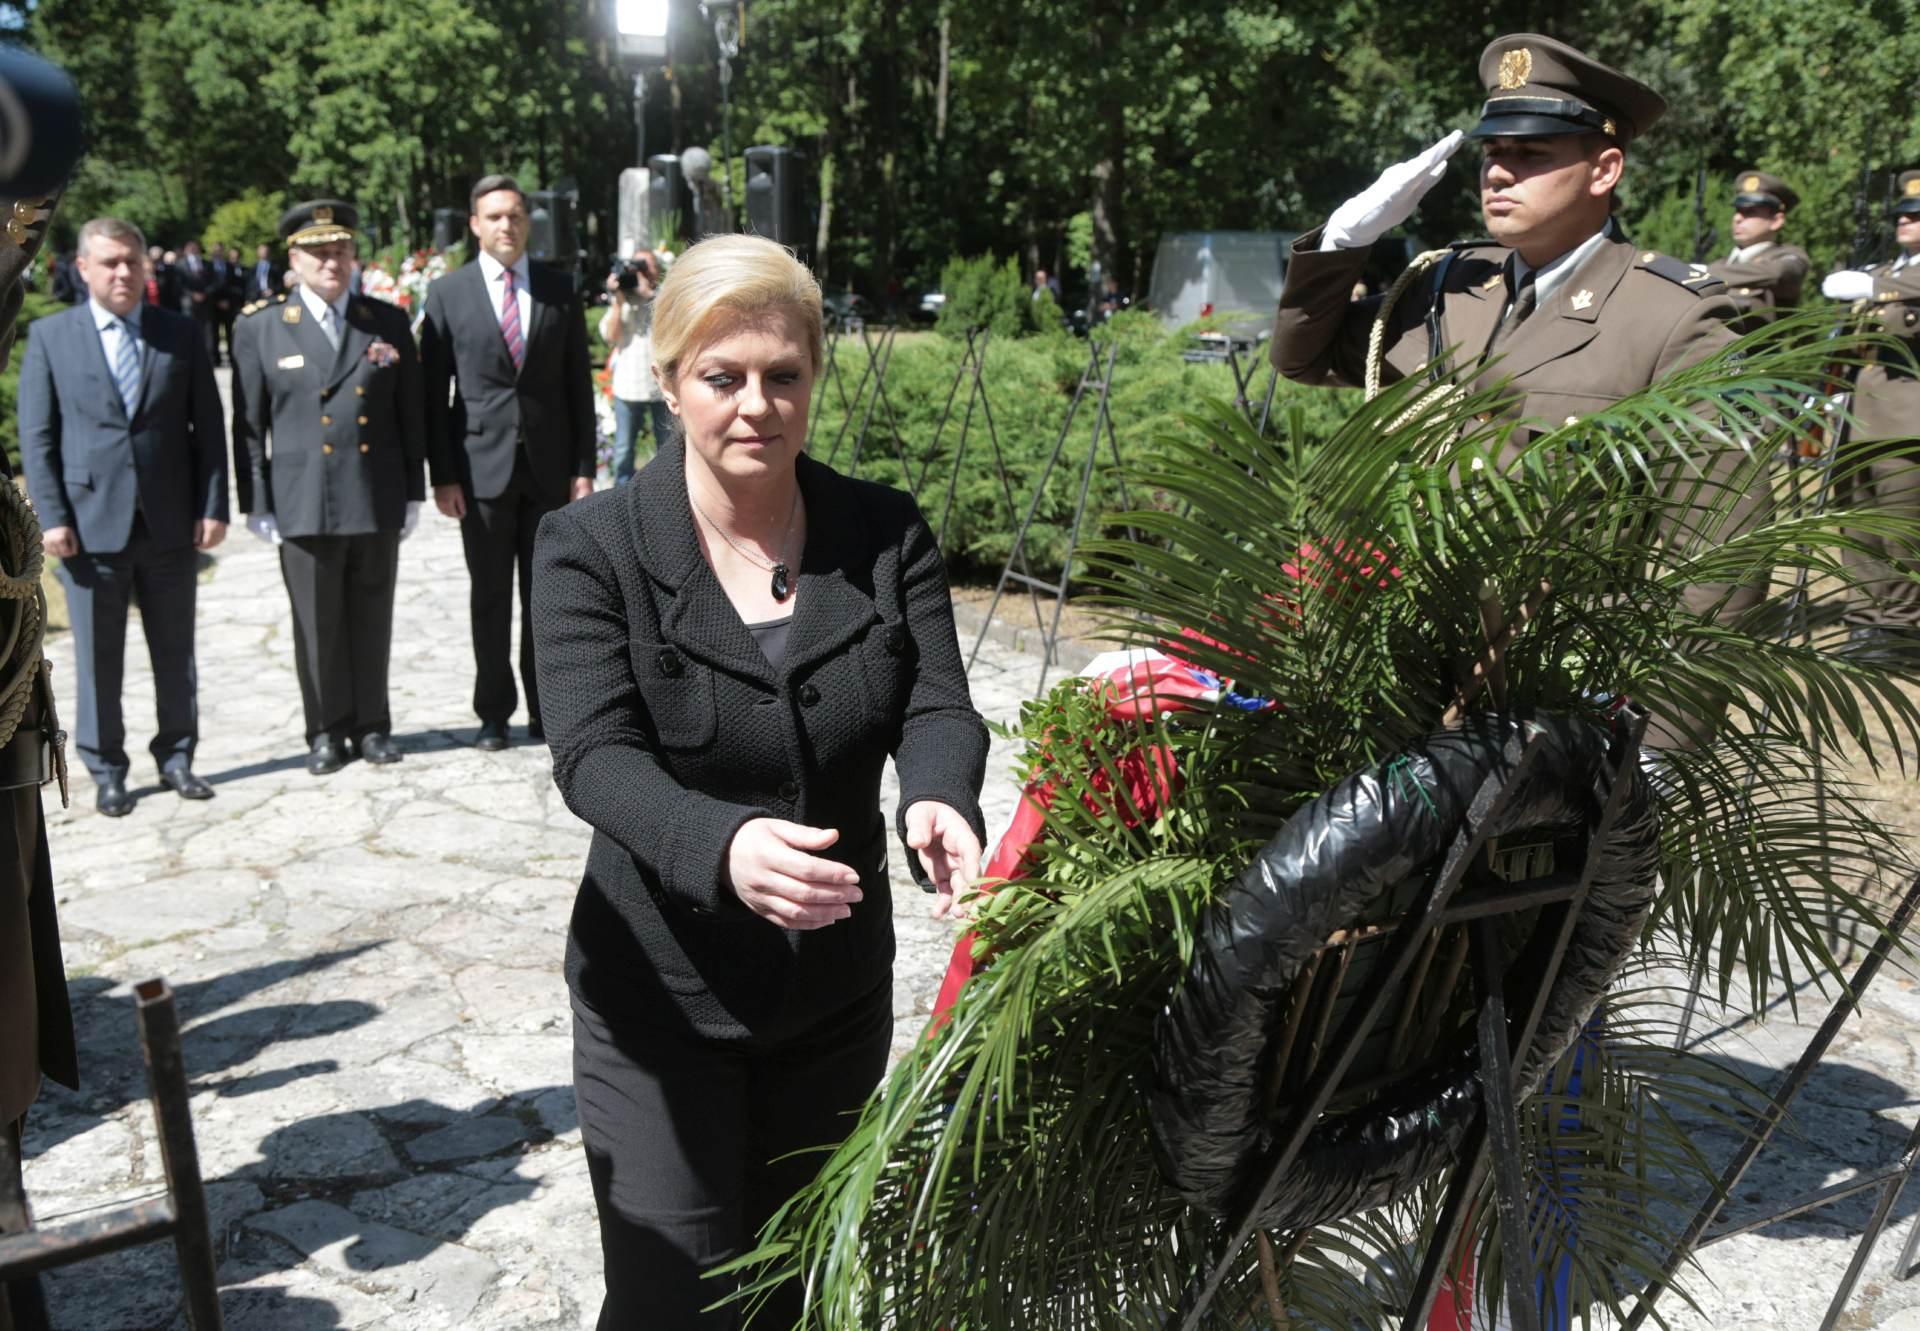 HSP AS 'Osnivanje prvog partizanskog odreda u Brezovici povijesna krivotvorina'